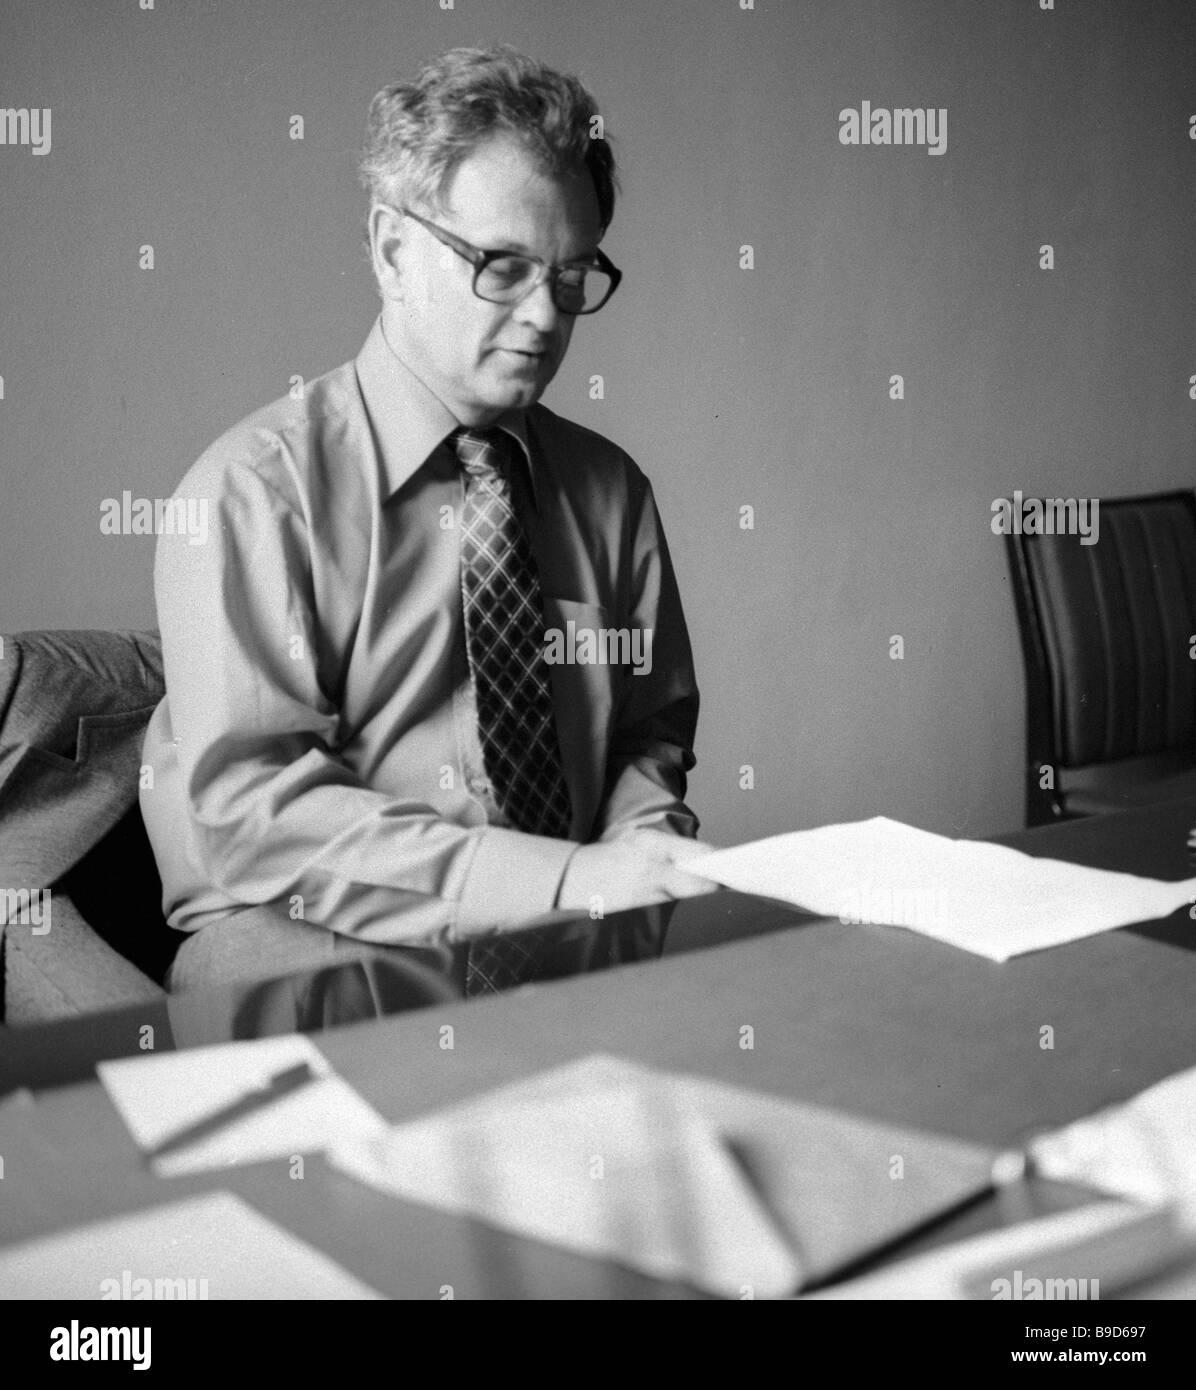 Professor Juras Pozhela Direktor des Vizepräsidenten Halbleiter-Physik-Institut der litauischen Akademie der Wissenschaften Stockfoto